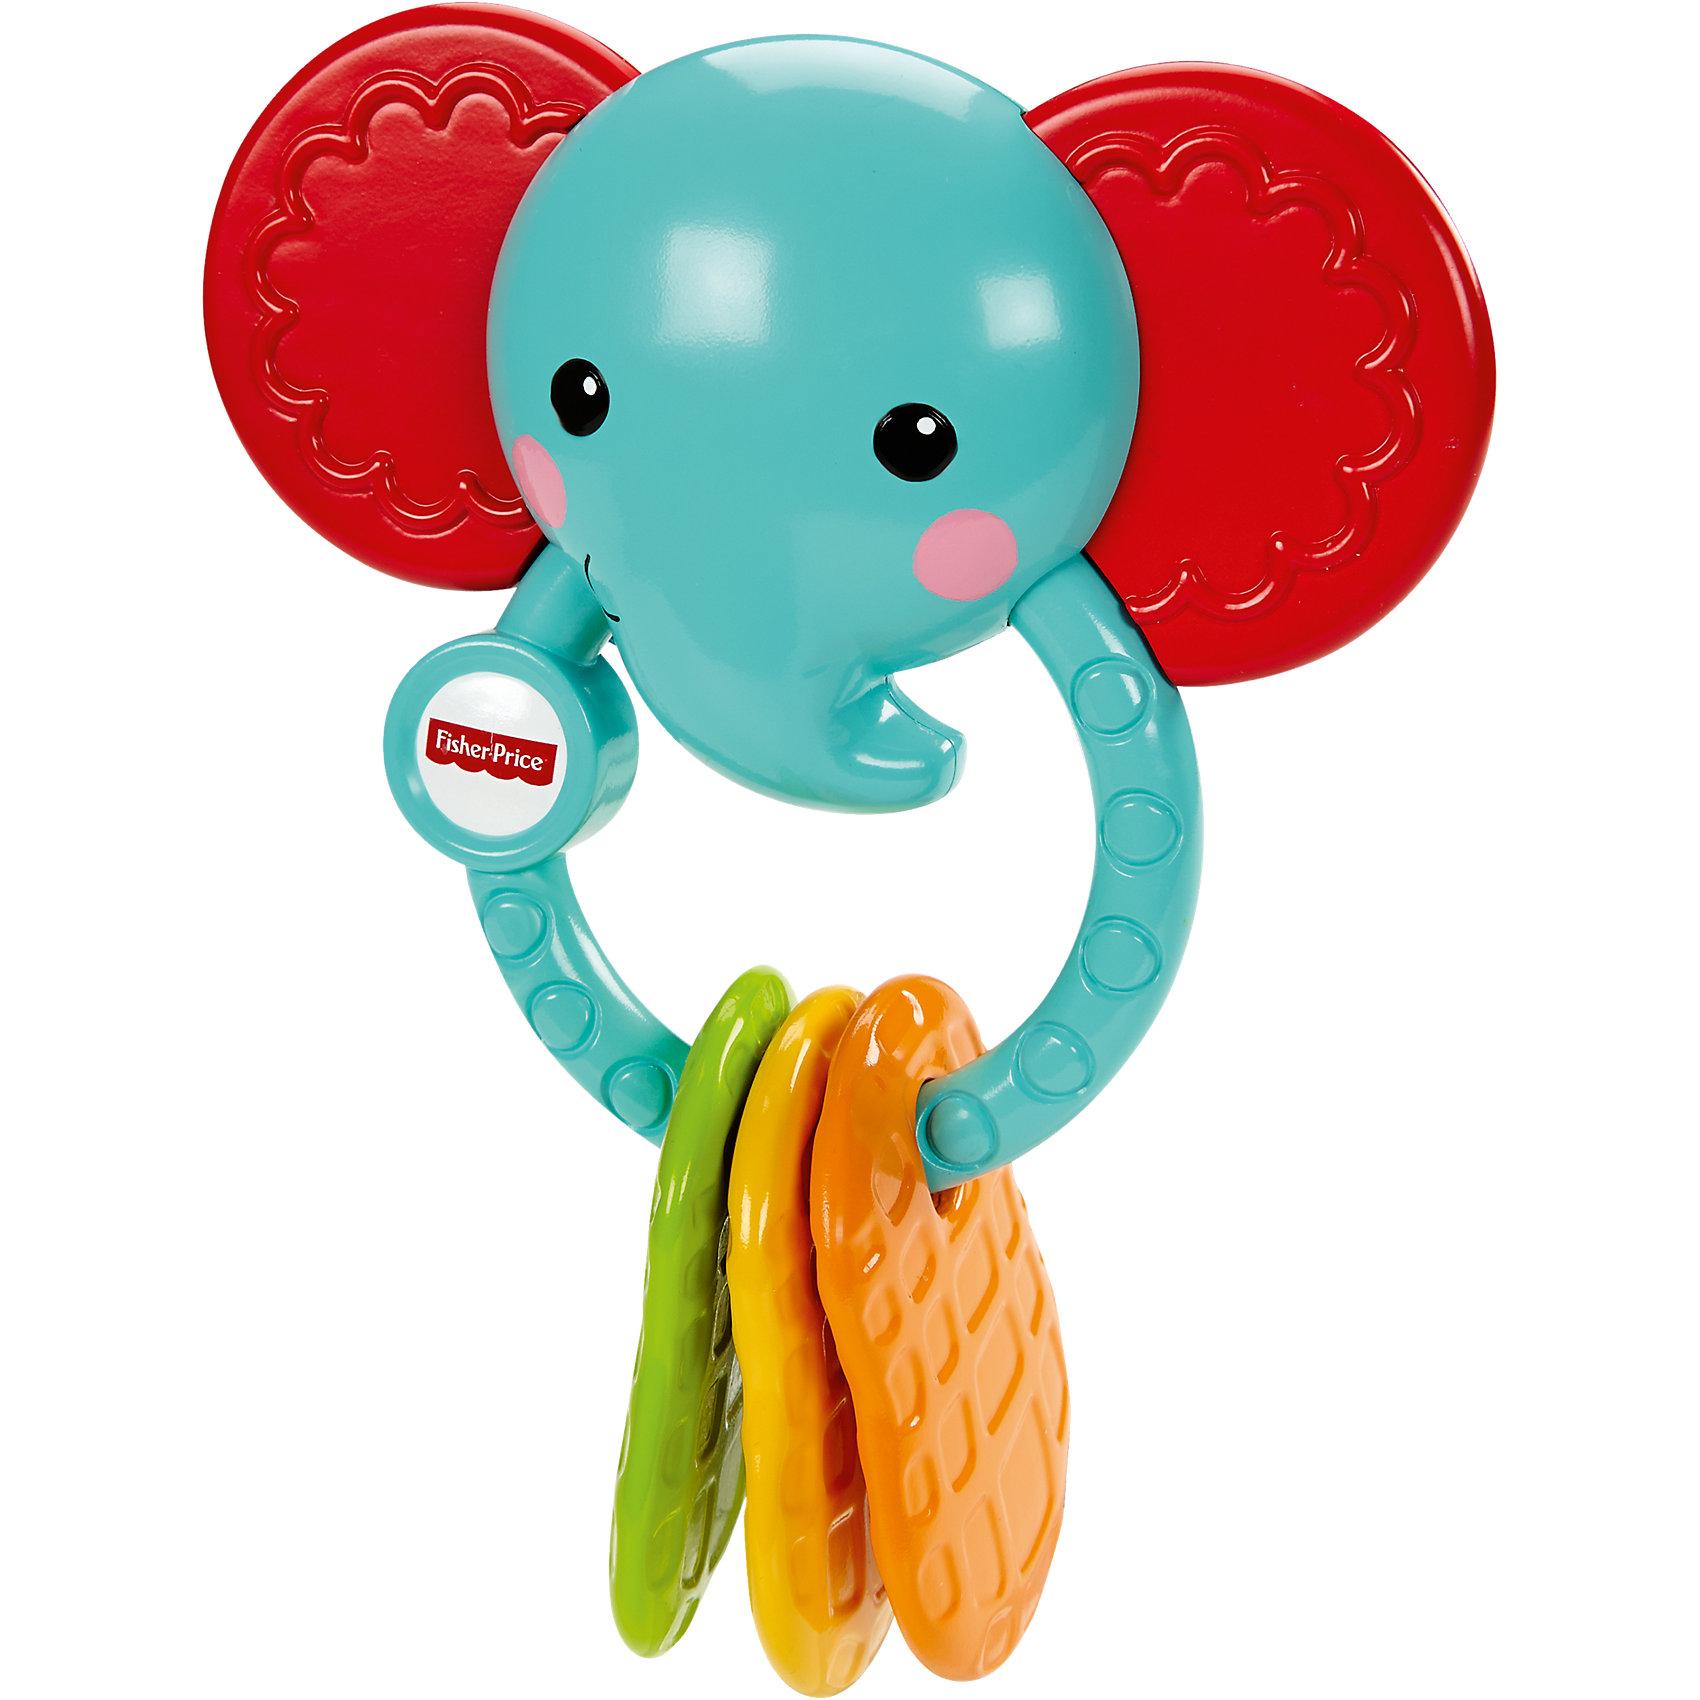 Прорезыватель Слоненок, Fisher PriceПрорезыватели<br>Погремушка-прорезыватель Слоненок от торговой марки Fisher-Price (Фишер Прайс) является отличной развивающей игрушкой. Этот забавный слоненок голубого цвета с красными ушками. У игрушки есть  специальные прорезыватели на кольце, которые помогут Вашему малышу справиться с дискомфортом в период роста зубок. Характерные звуки погремушки побуждают малютку трясти ее, благодаря чему отлично развиваются сенсорные навыки и моторика. Яркая расцветка и оригинальный дизайн обязательно понравятся вашему ребенку!<br><br>Дополнительная информация:<br><br>- возраст: с 3 месяцев.<br>- материал: пластик.<br>- размер упаковки: 18 * 14 * 6 см.<br>- торговая марка: Fisher-Price<br><br>Погремушку-прорезыватель Слоненок от торговой марки Fisher-Price (Фишер Прайс) можно купить в нашем интернет-магазине<br><br>Ширина мм: 147<br>Глубина мм: 142<br>Высота мм: 68<br>Вес г: 149<br>Возраст от месяцев: 3<br>Возраст до месяцев: 12<br>Пол: Унисекс<br>Возраст: Детский<br>SKU: 4152011